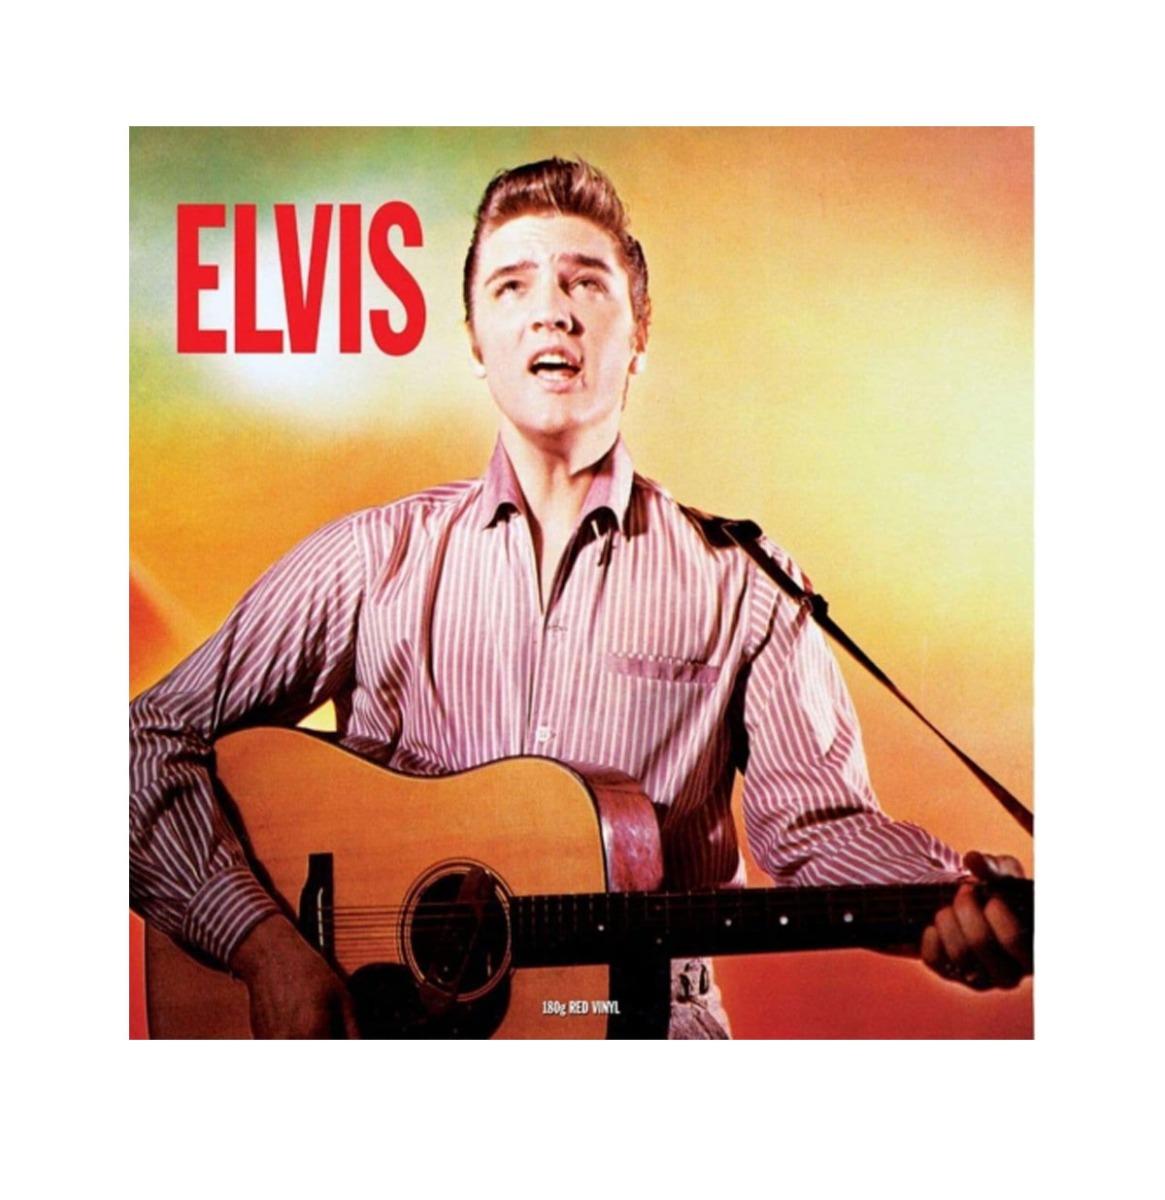 Elvis Presley - Elvis LP Red Vinyl